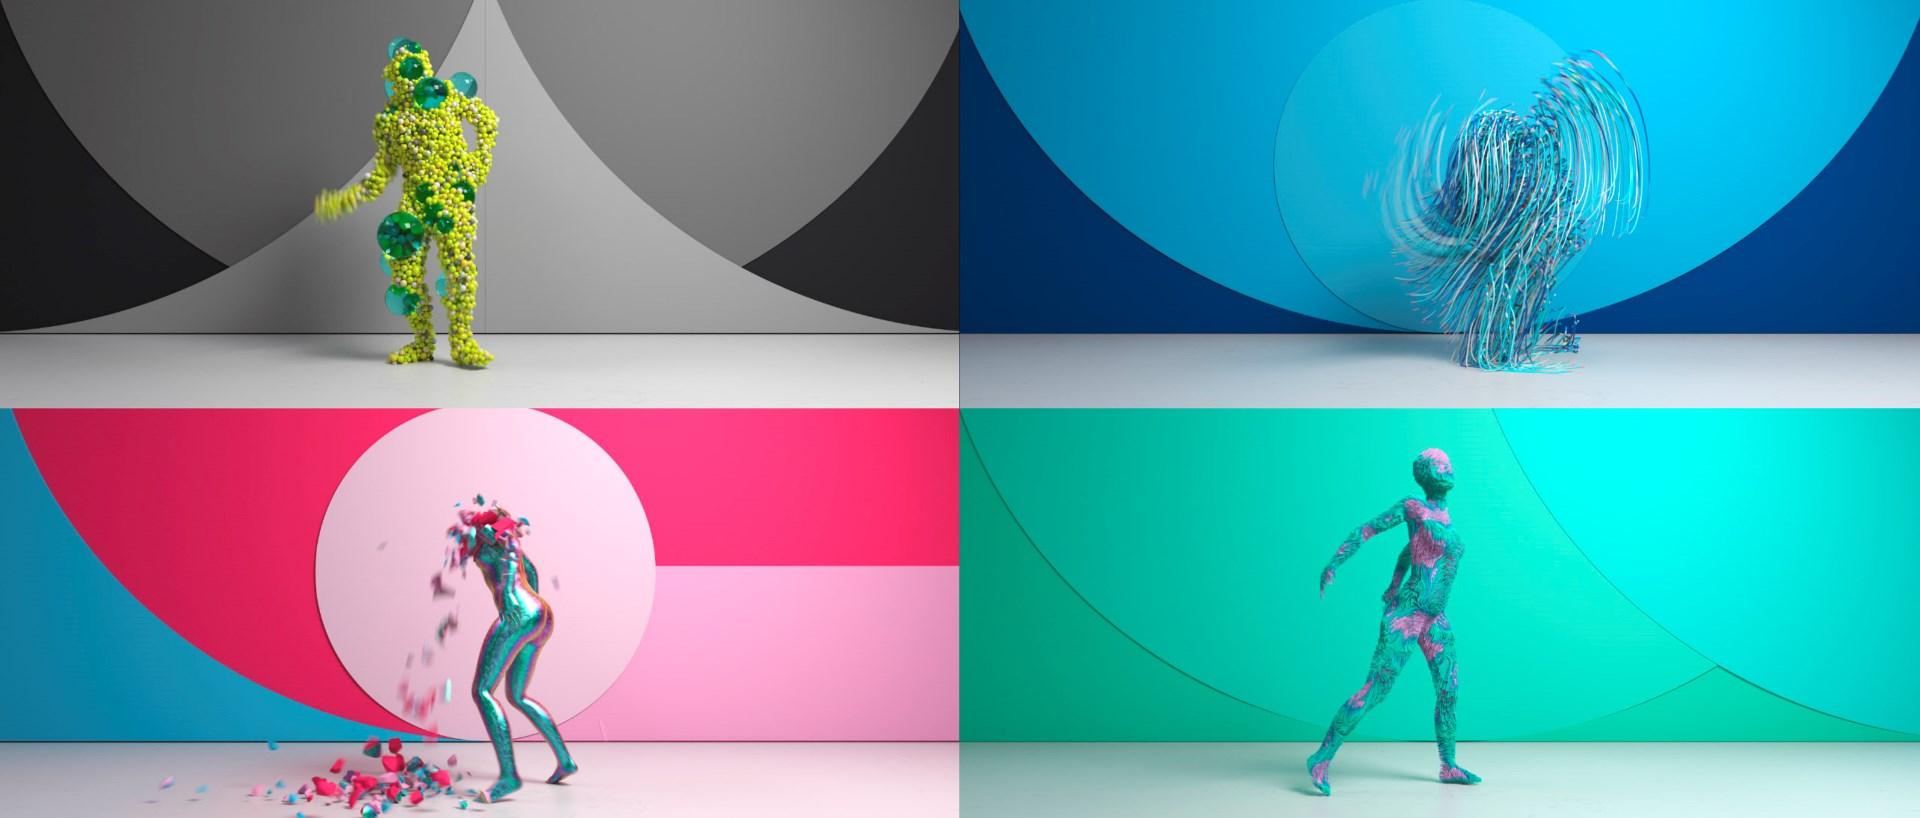 моушен дизайн картинки дыра